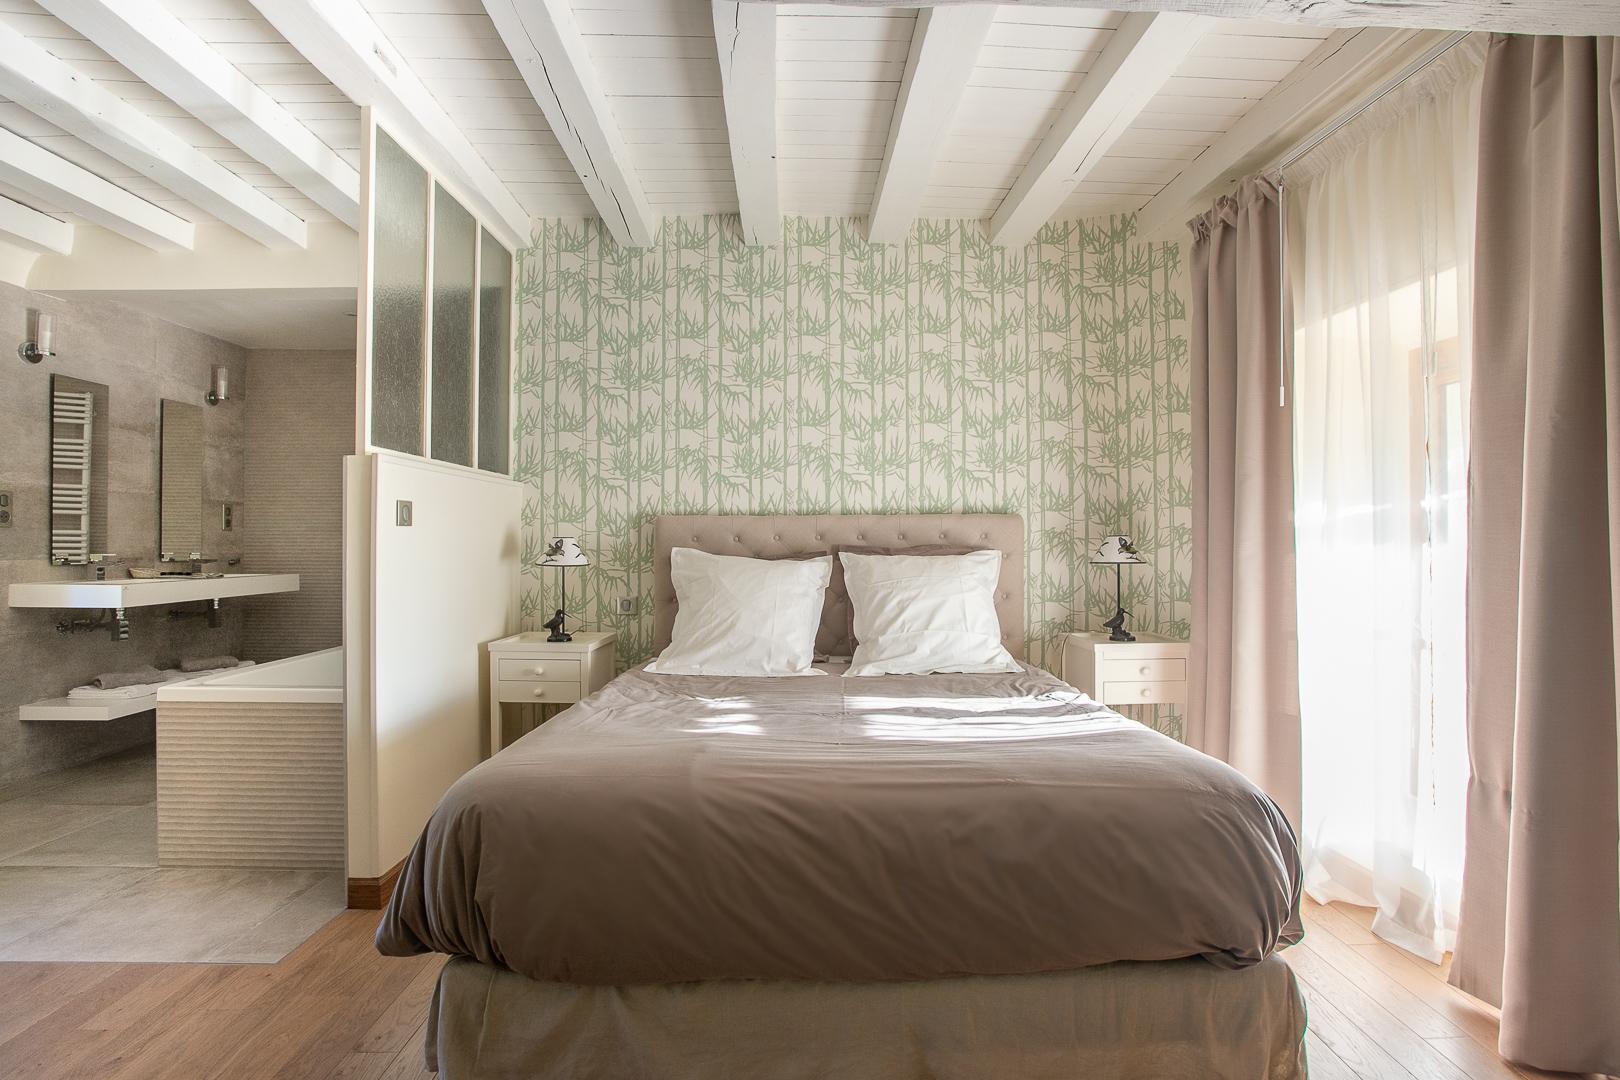 Chambre Coulanges à La Barbotière, chambres d'hôtes en Bourgogne près d'Auxerre